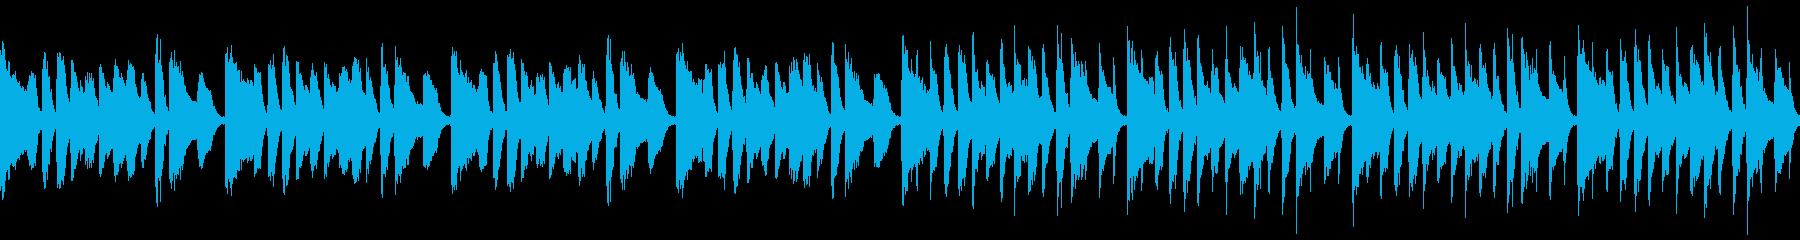 軽快なピアノループ曲の再生済みの波形